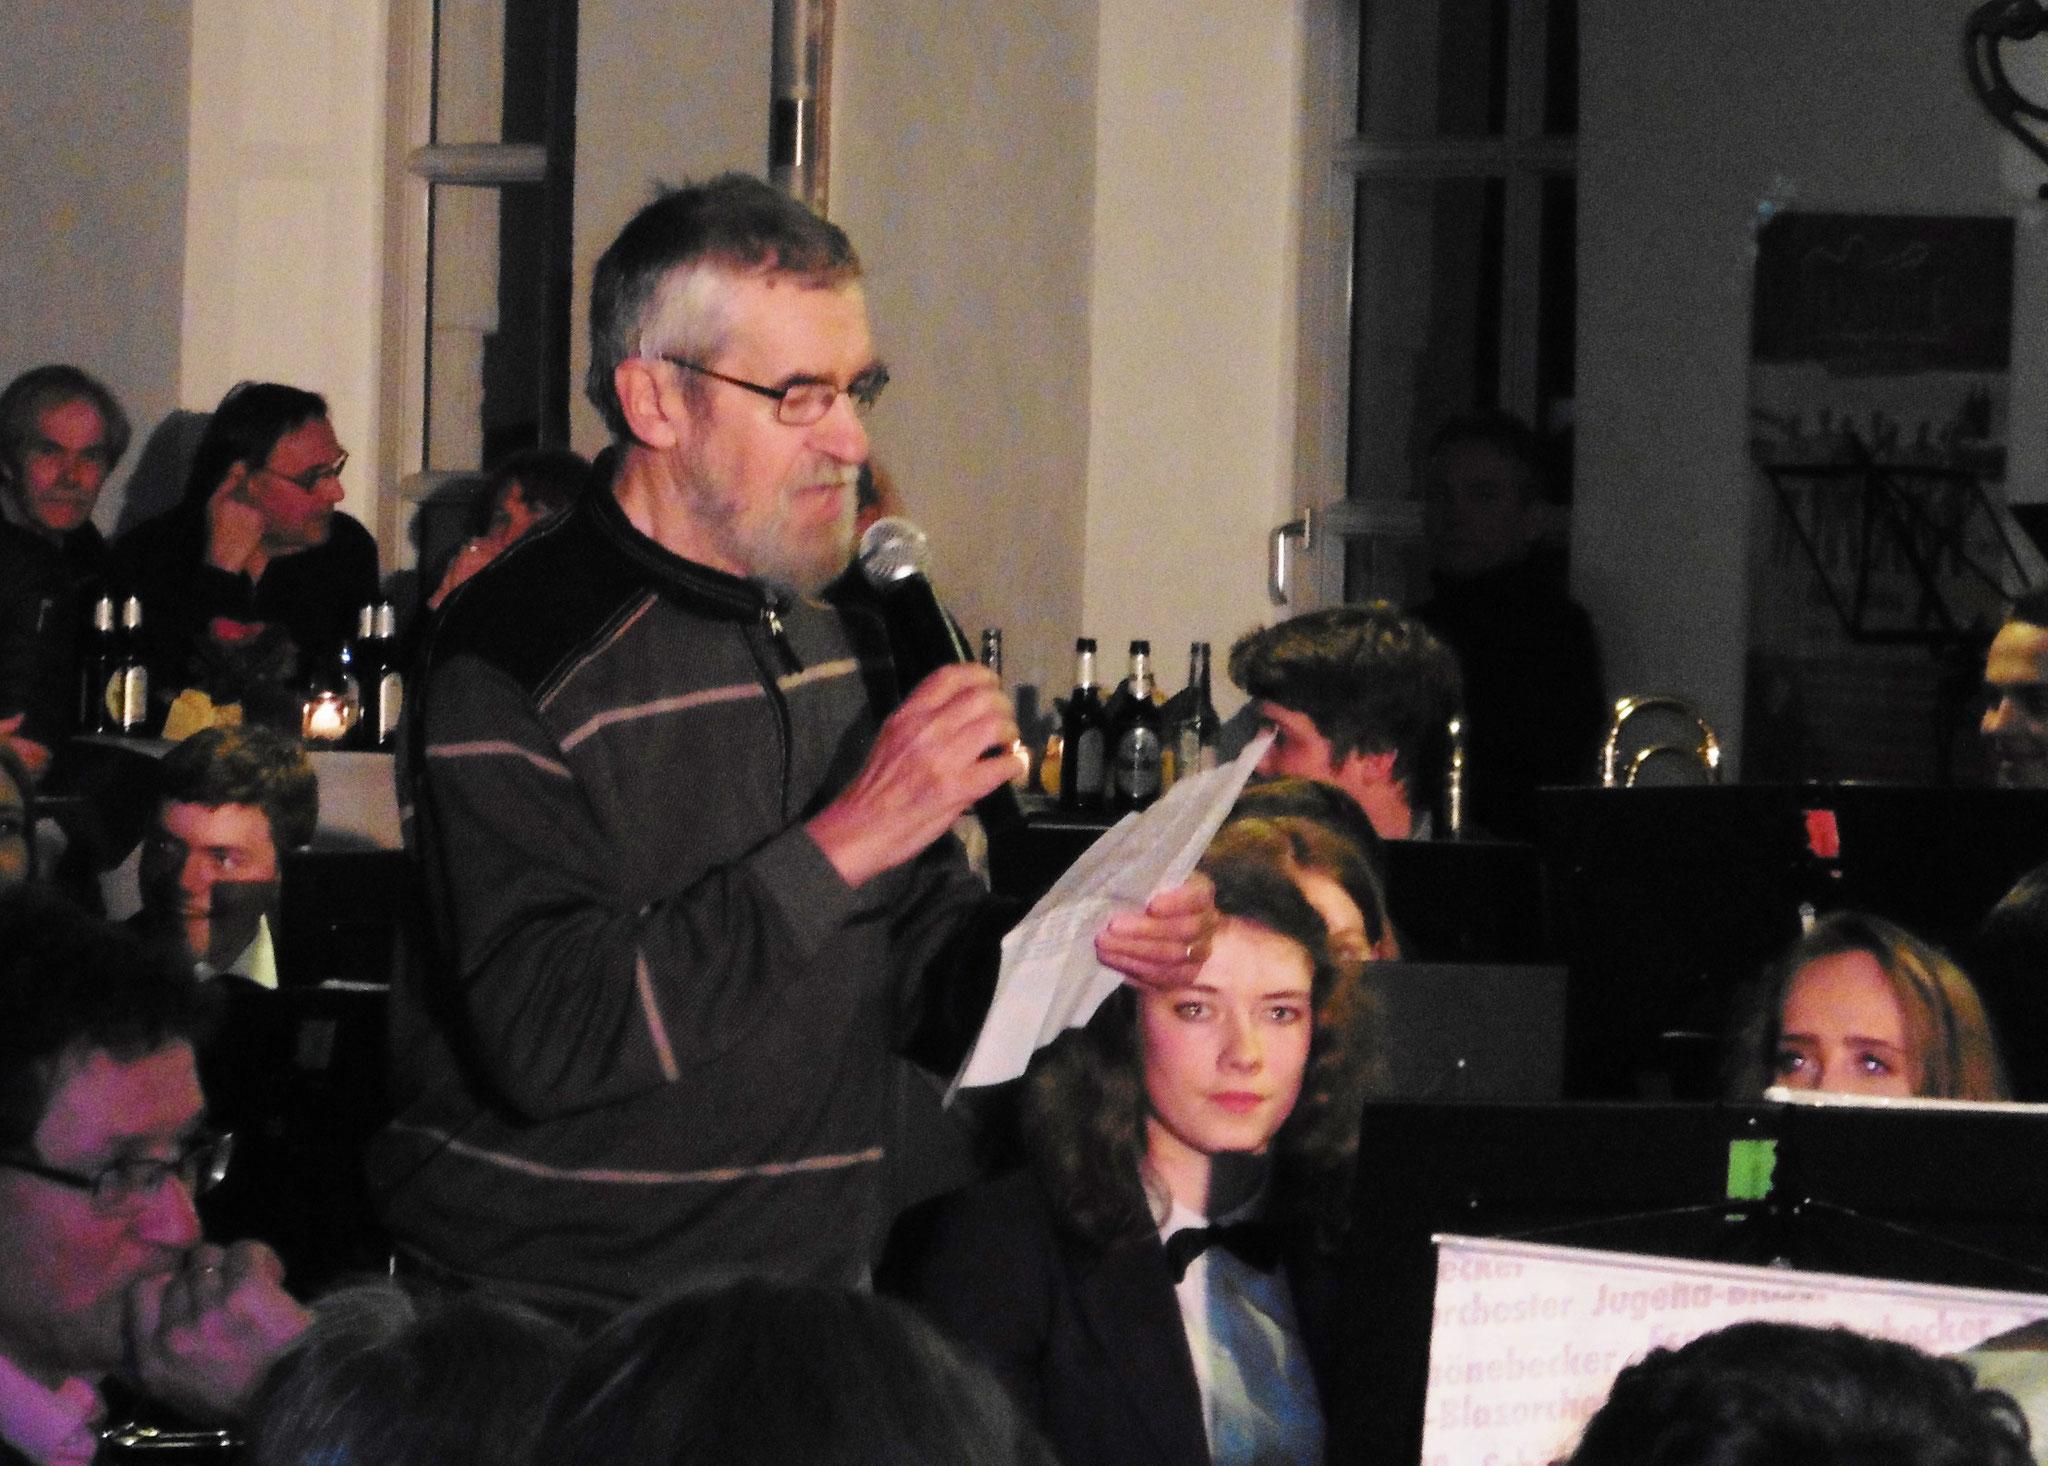 Franz Josef Gründges würdigt die Musiker, die aus Altersgründen gehen müssen.